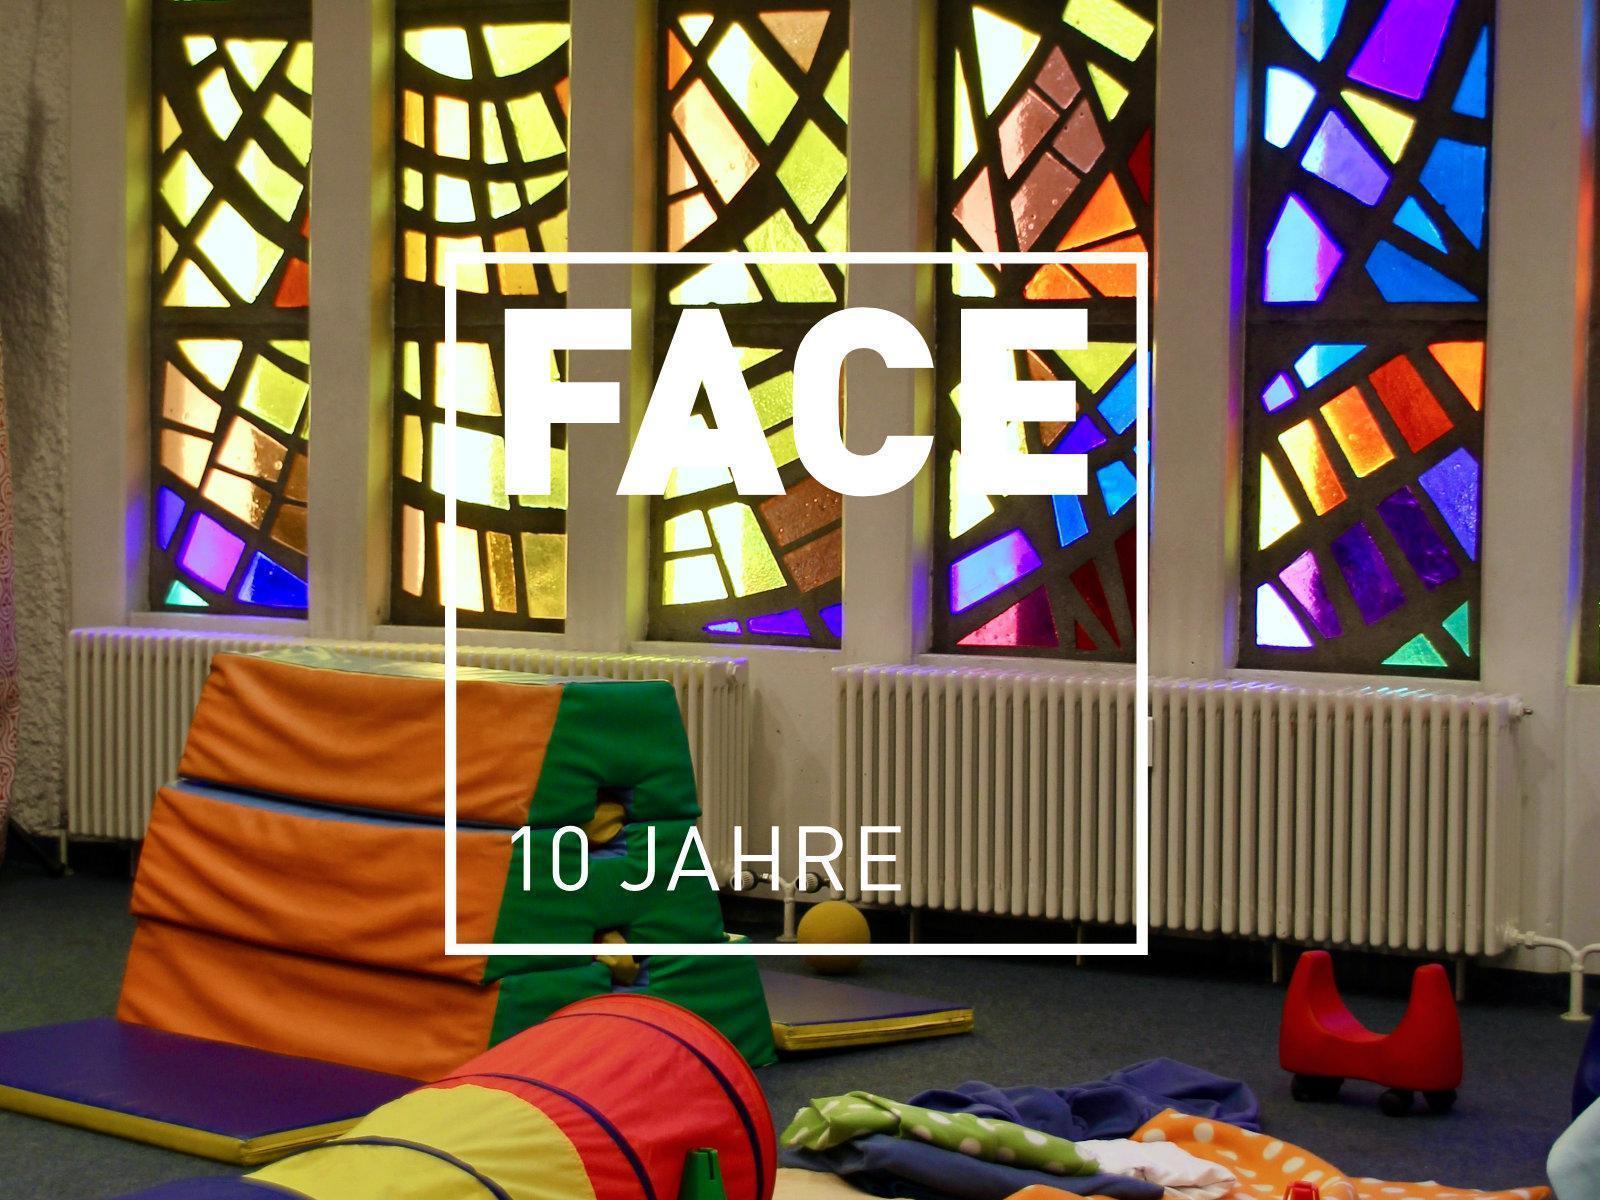 #10JahreFACE – Spieltreff